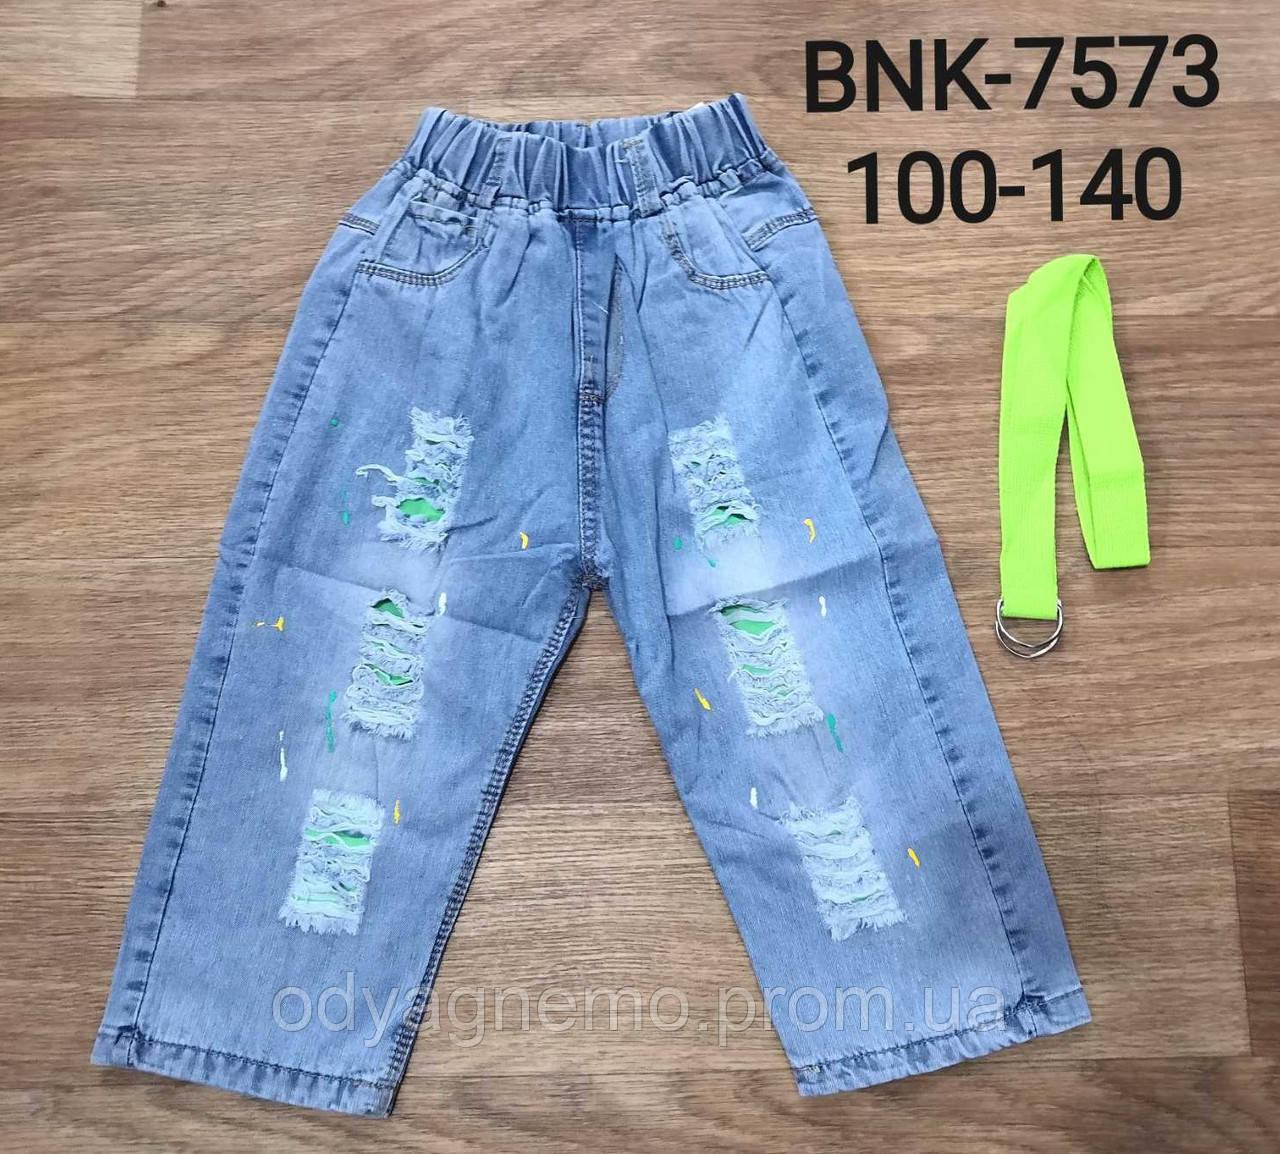 Джинсовые шорты для мальчиков Glo-Story, 100-140 pp. Артикул: BNK7573